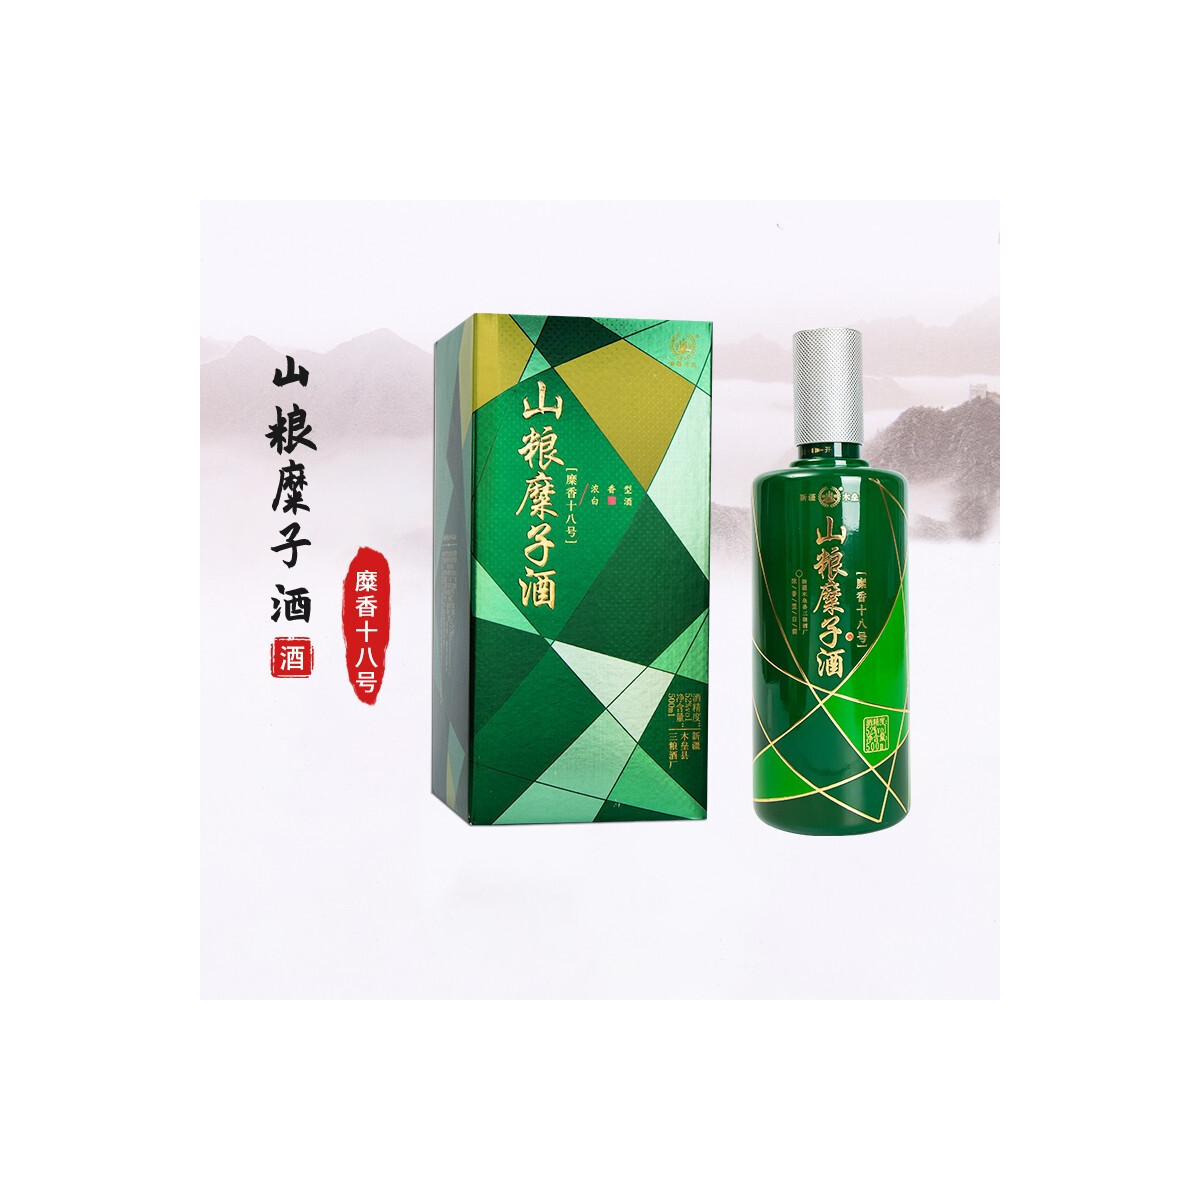 【山粮】深绿色万亩旱田糜香十八号52度高度白酒原浆纯粮食浓香型